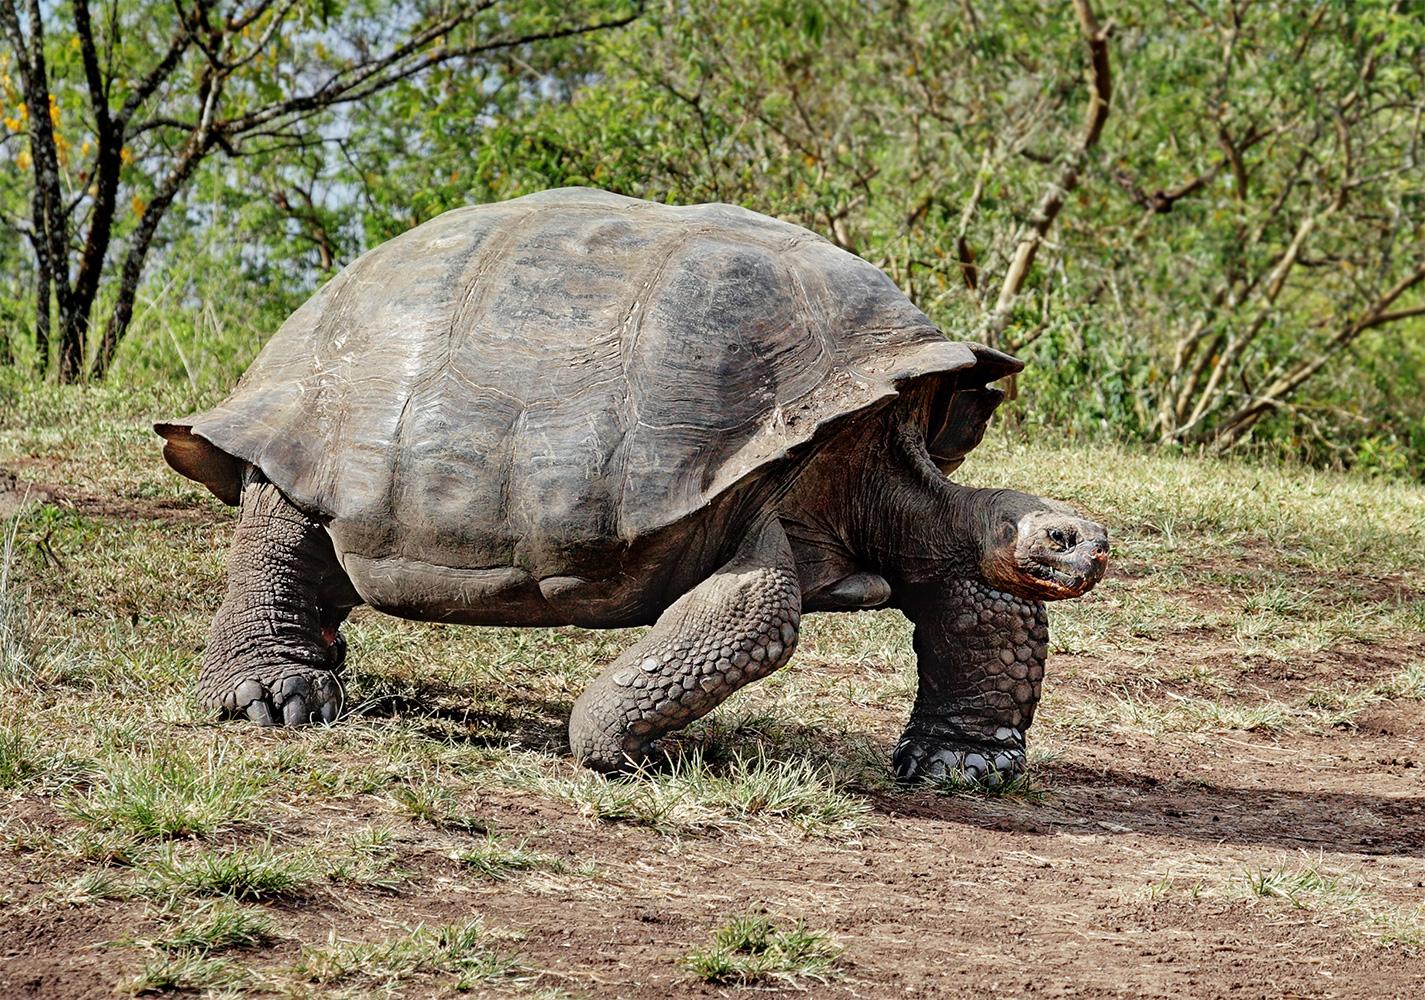 حيوانات عجيبة تصبر على الجوع لفترات خيالية Giant-Tortoise-Santa